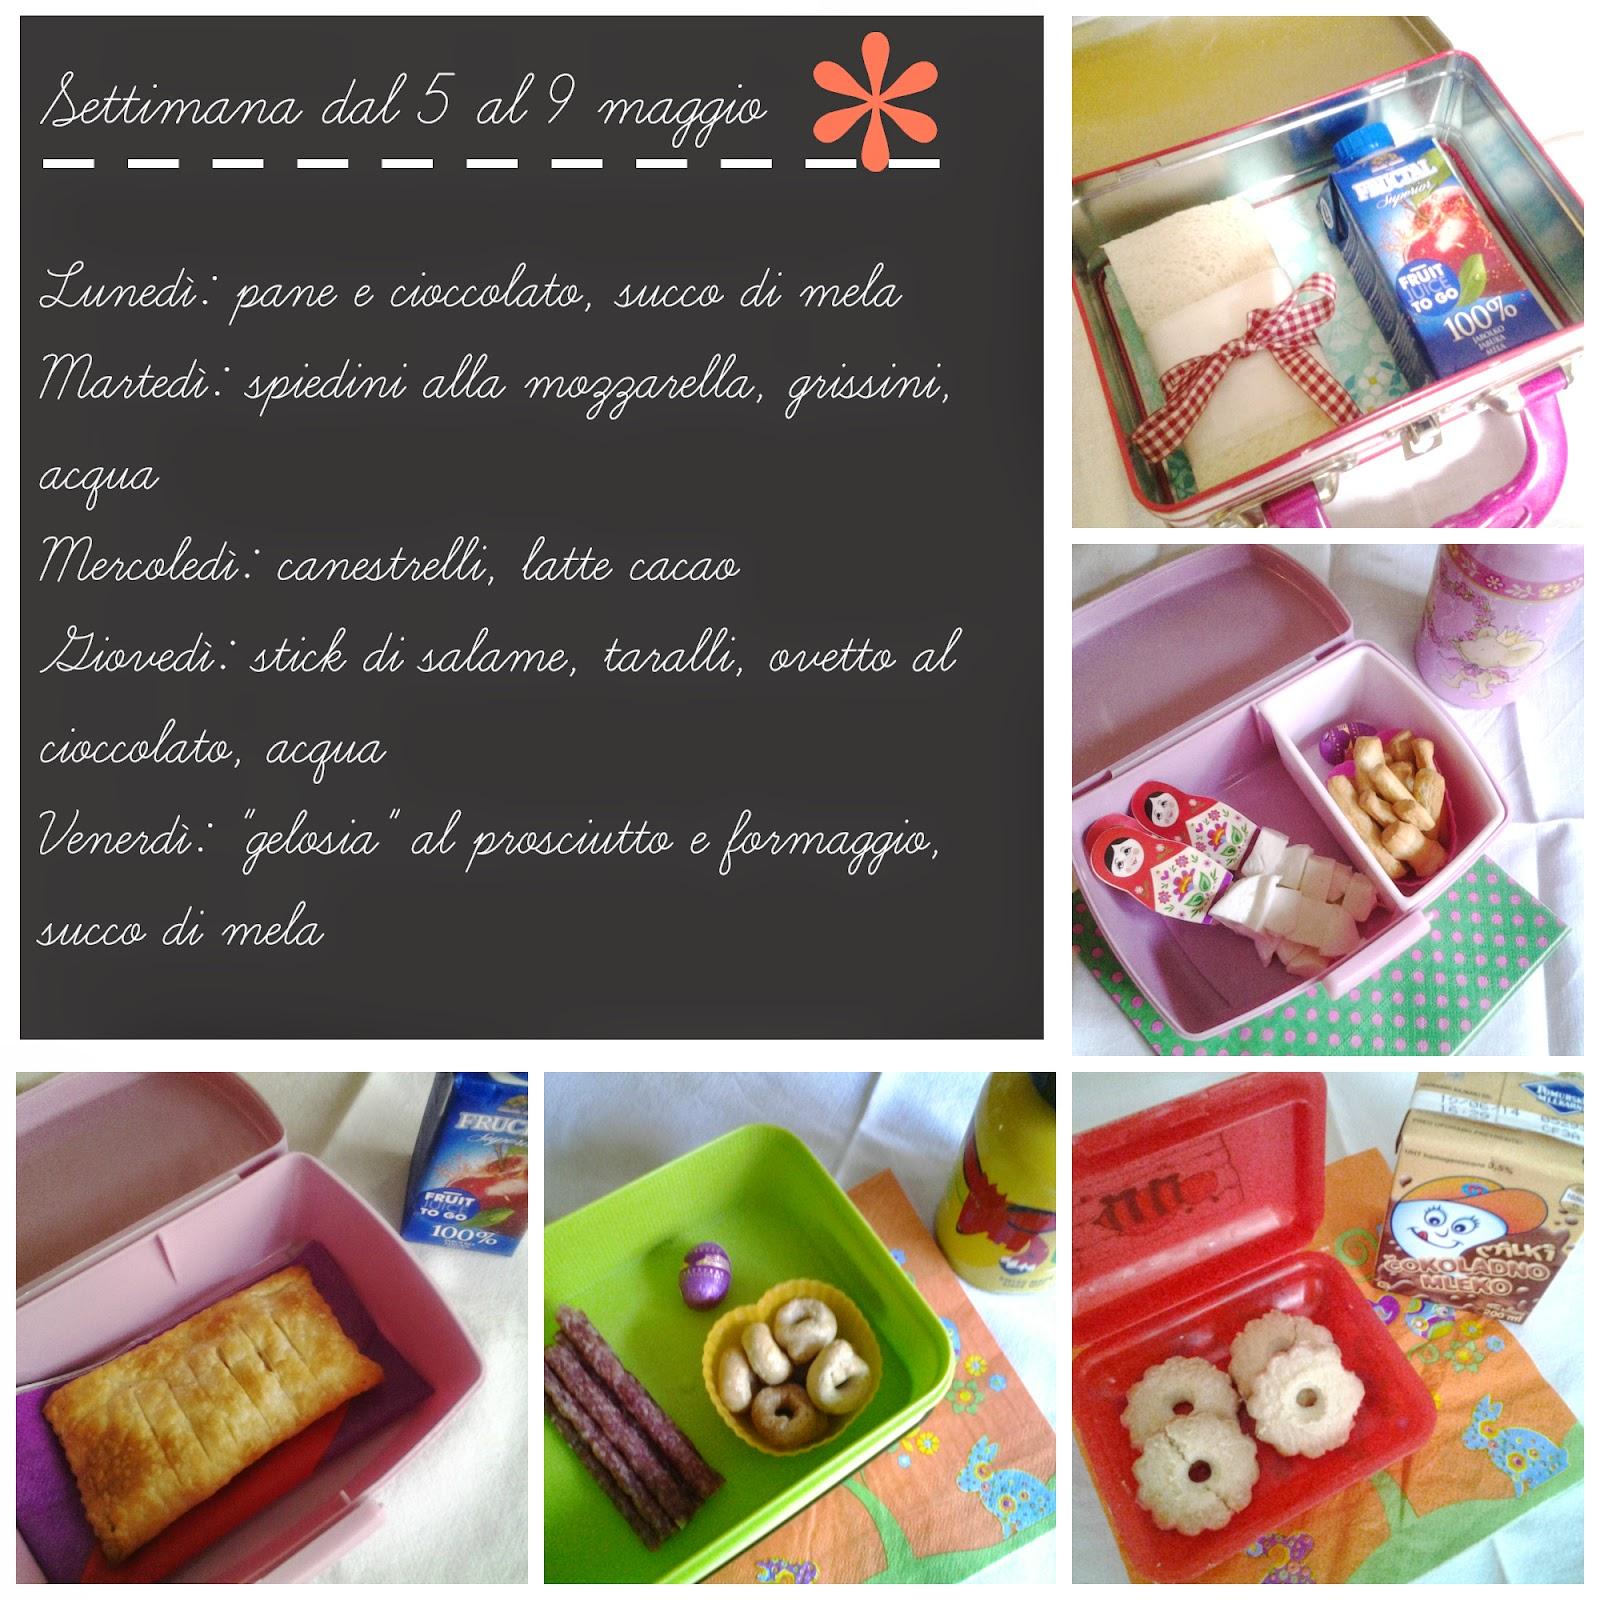 http://www.colazionialetto.com/2014/06/lemerendedicamilla-dal-5-al-9-maggio-e.html